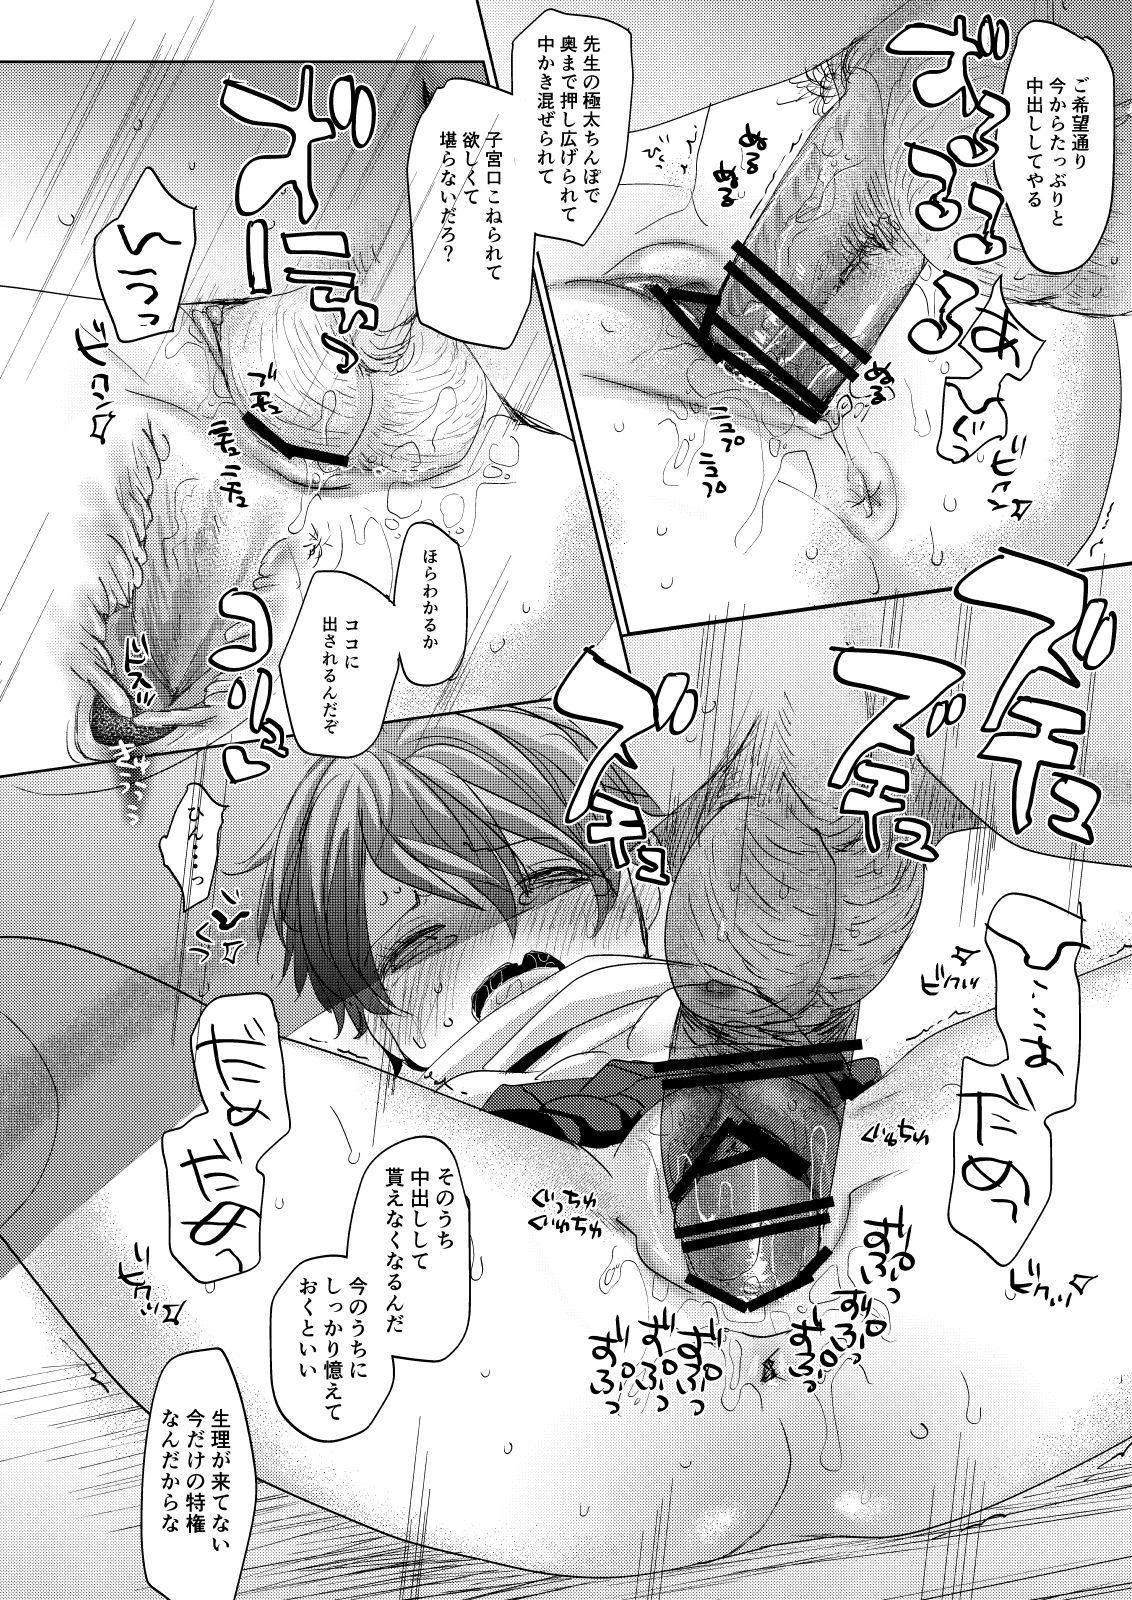 Ore no Himitsu Kichi 26